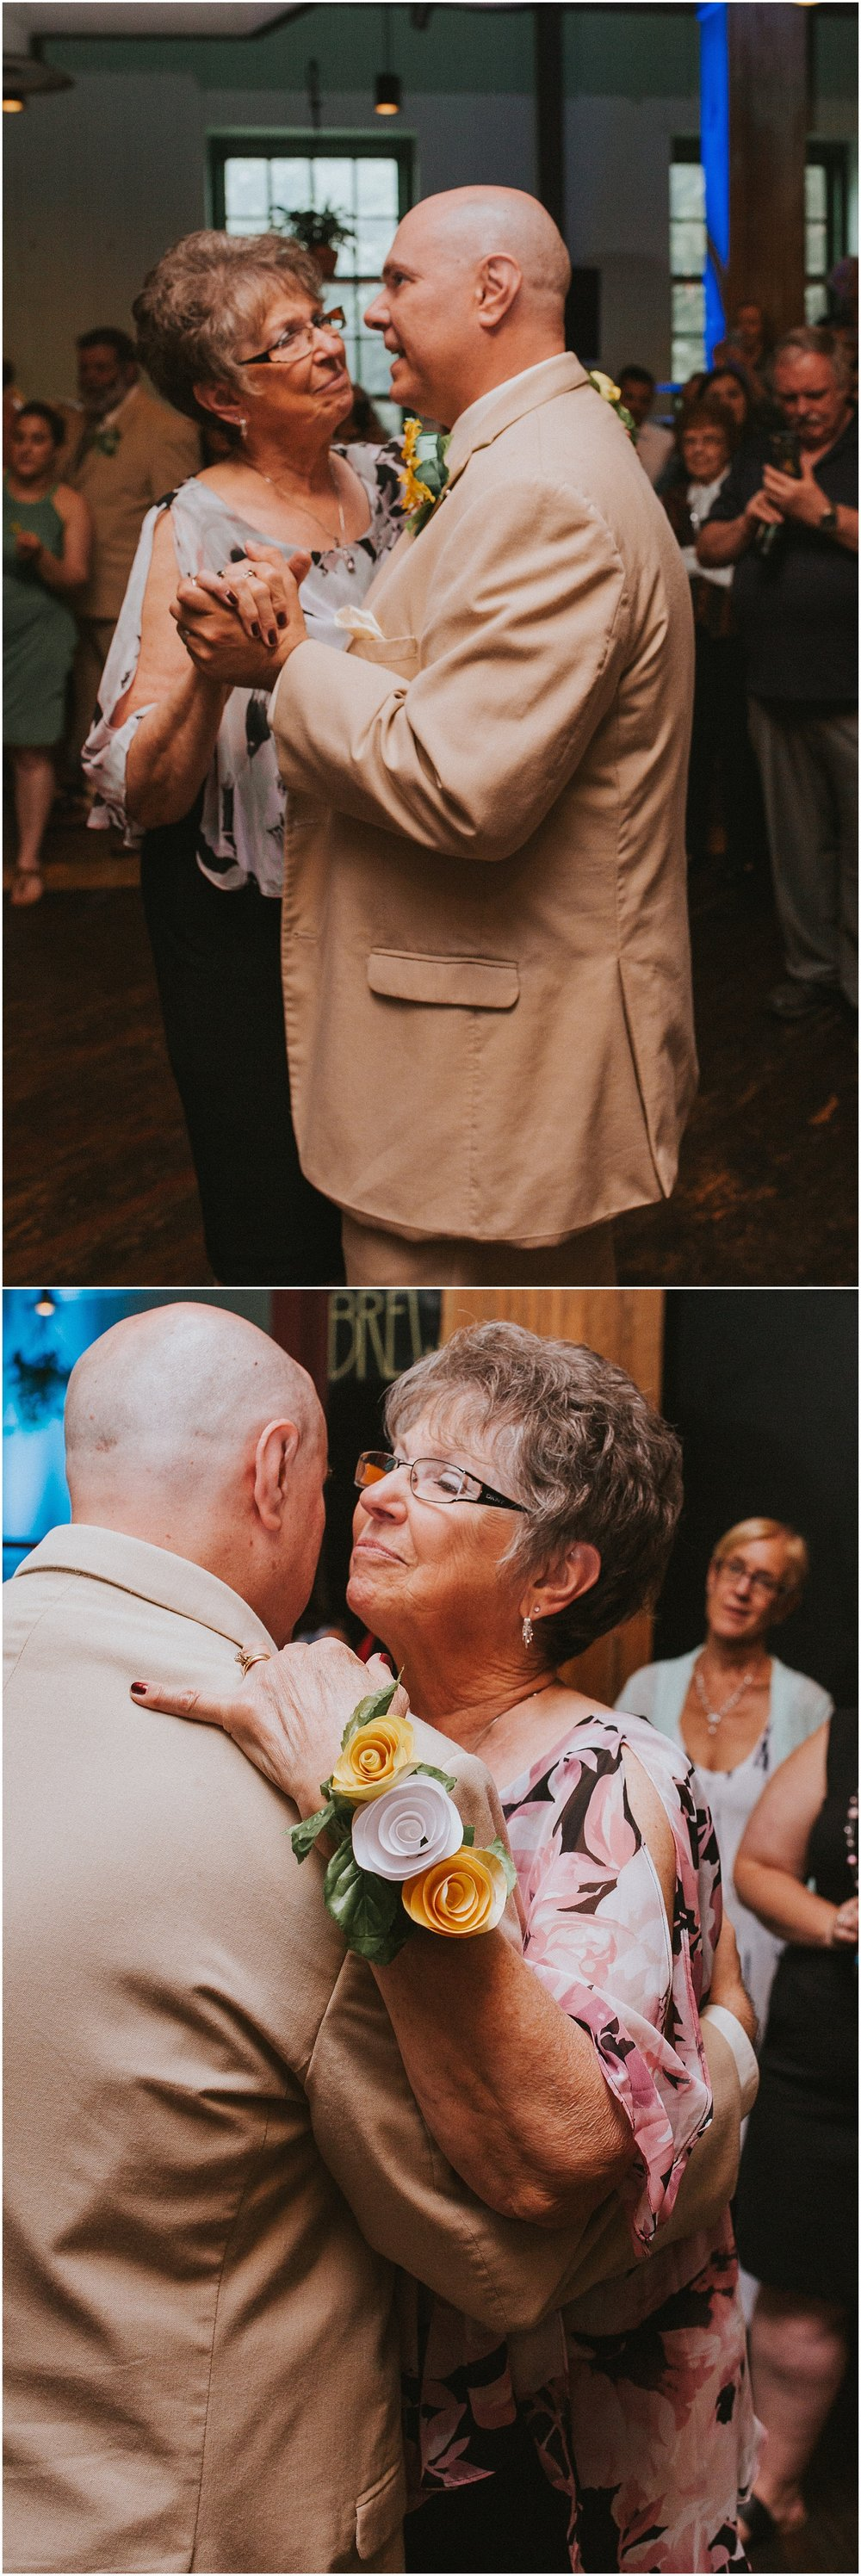 Reading-Pennsylvania-Outdoor-Wedding-DIY-Bride-Groom-Dancing-Laughter-Reception (56).jpg